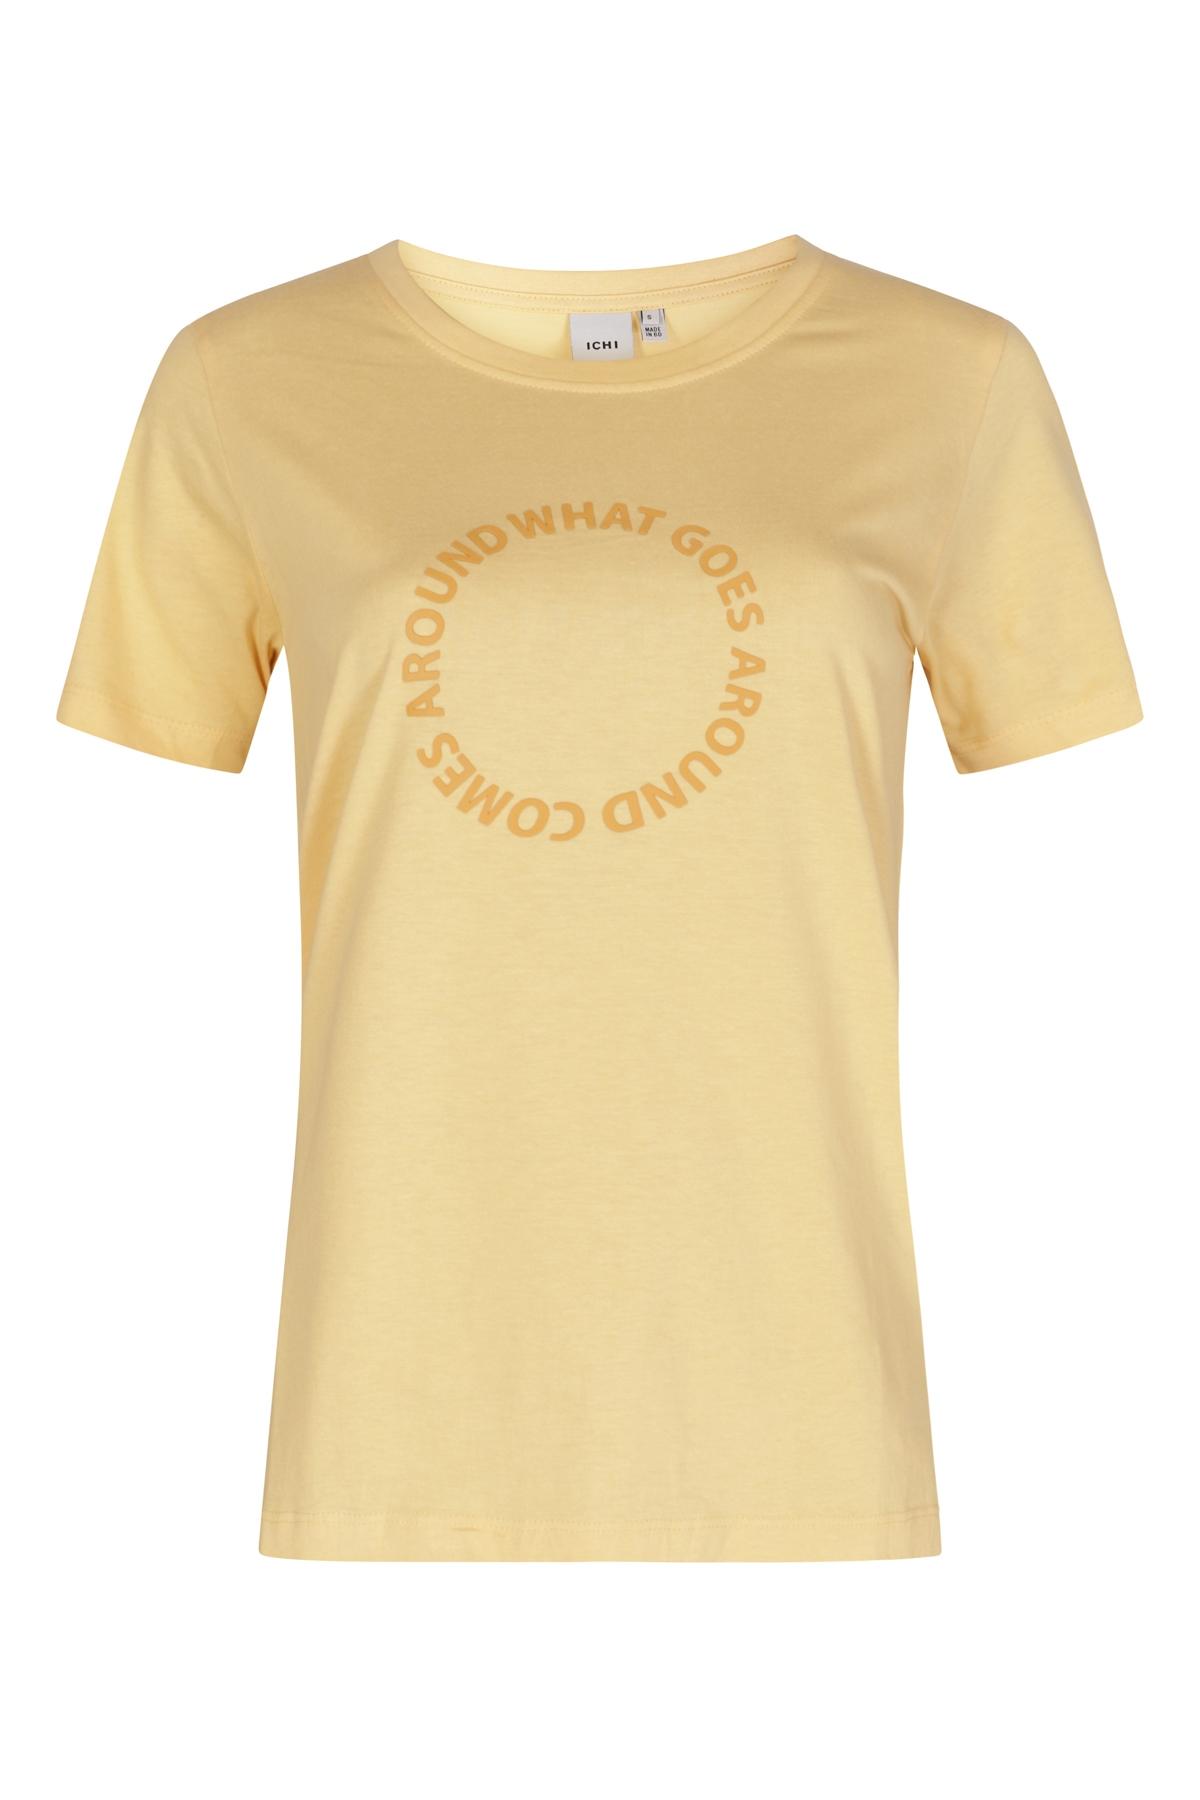 ICHI Shirt - Top Geel Ihregina SS